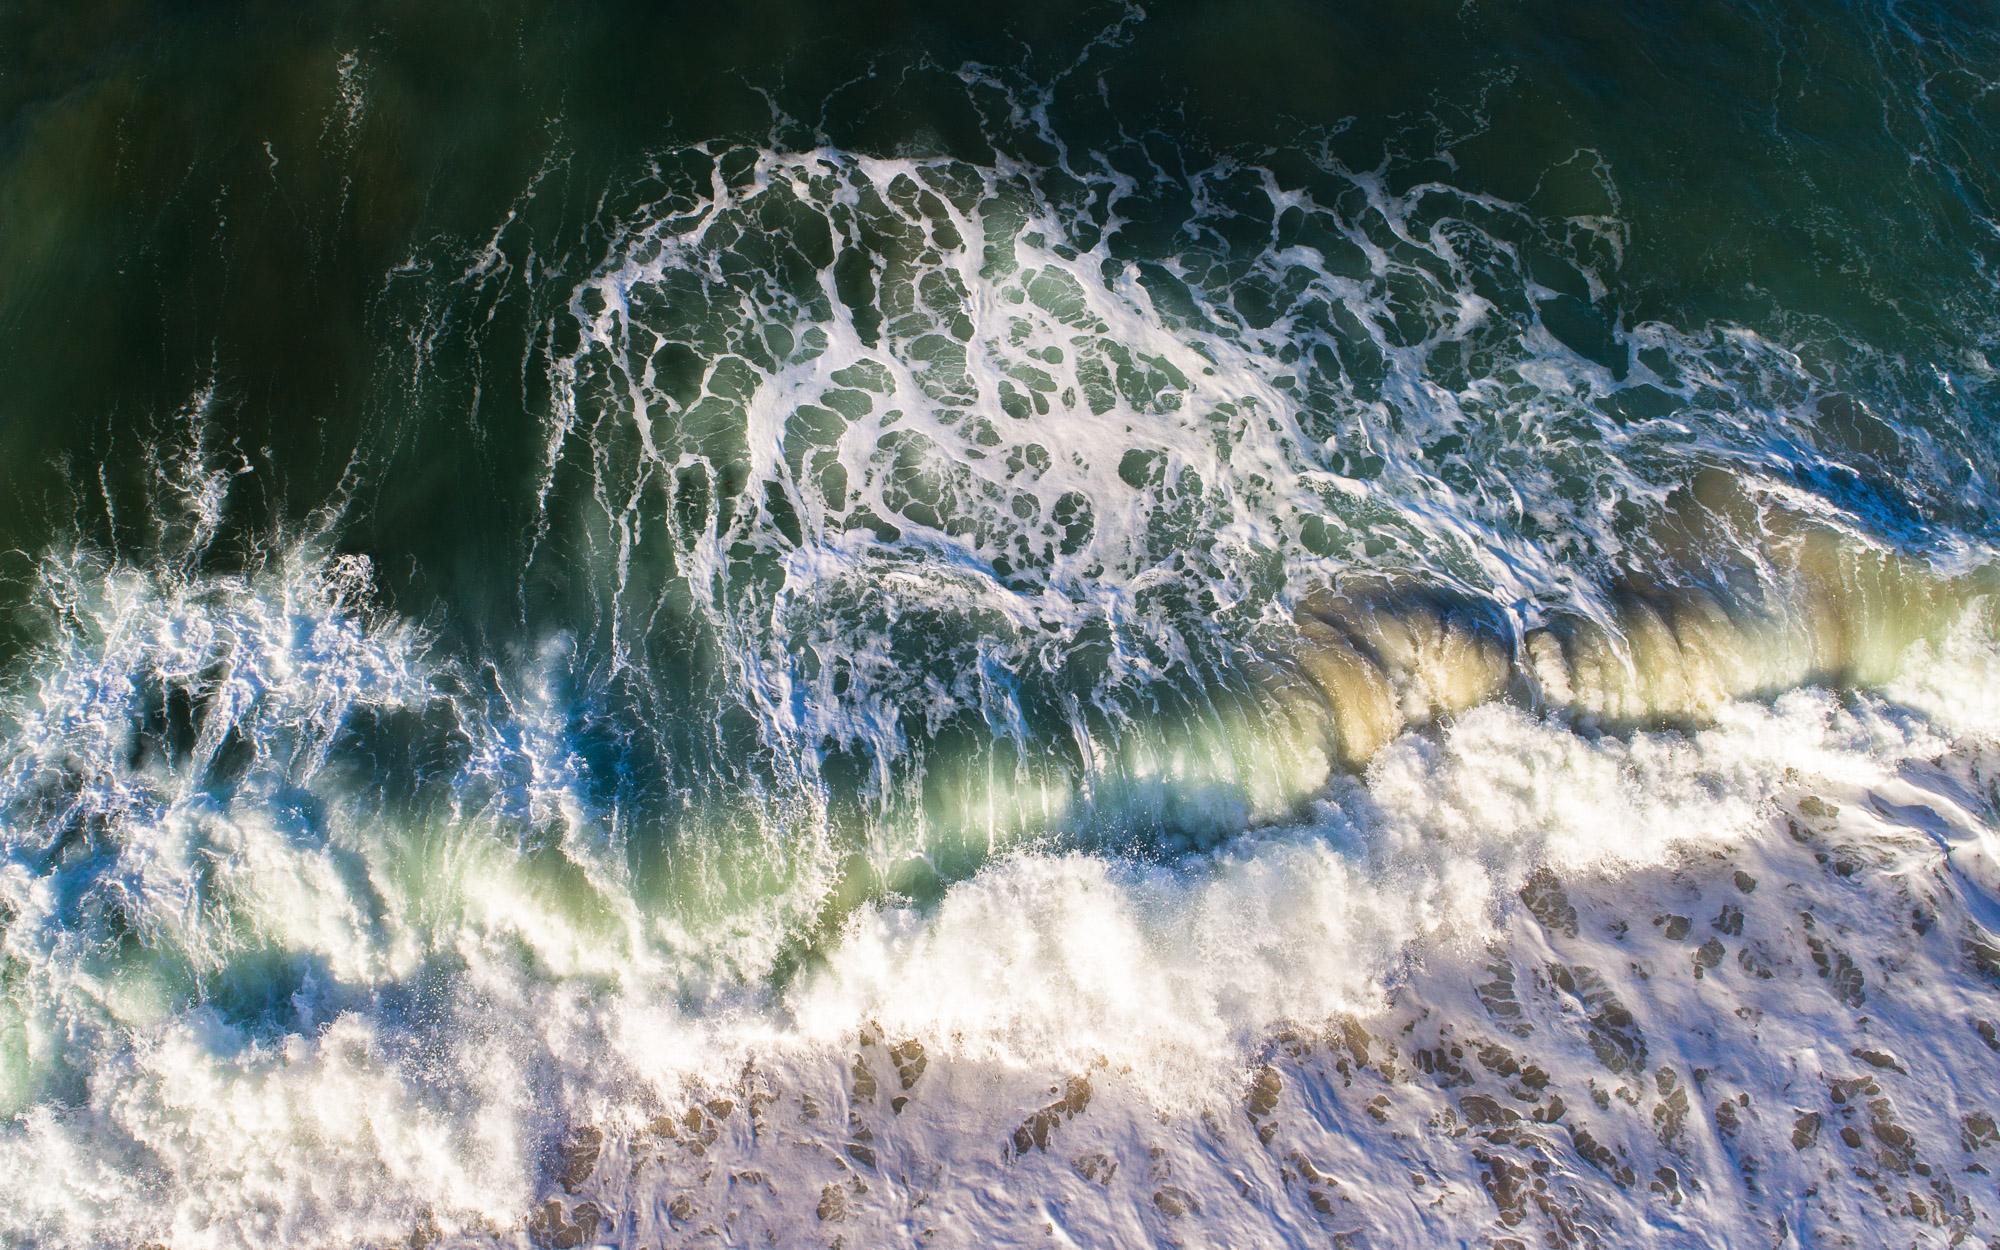 18. Breaking waves